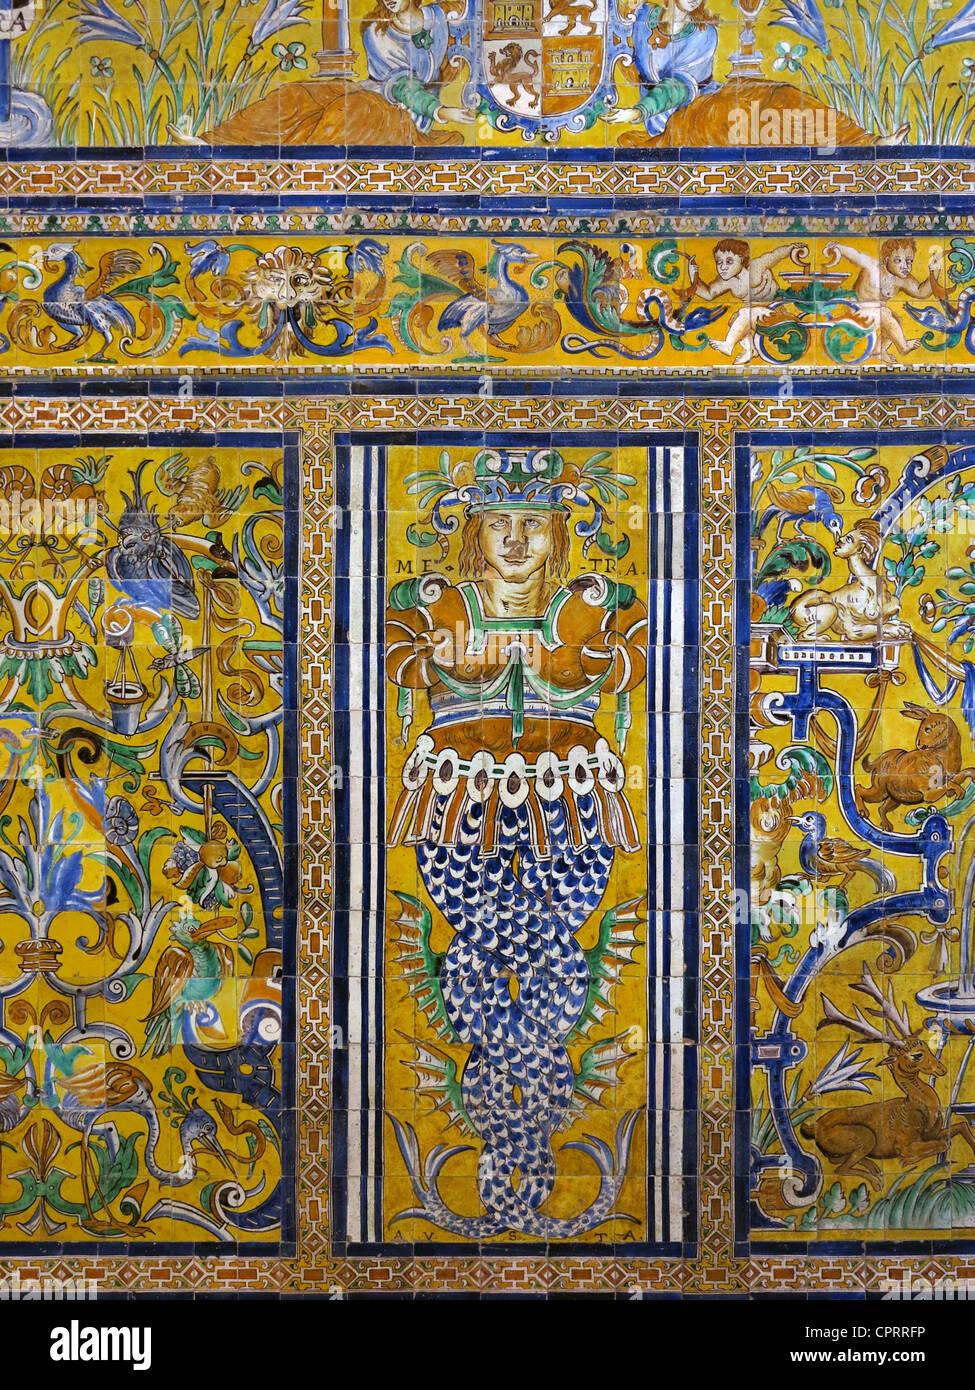 Sala Gotica, Royal Alcazars di Siviglia Andalusia Spagna Immagini Stock